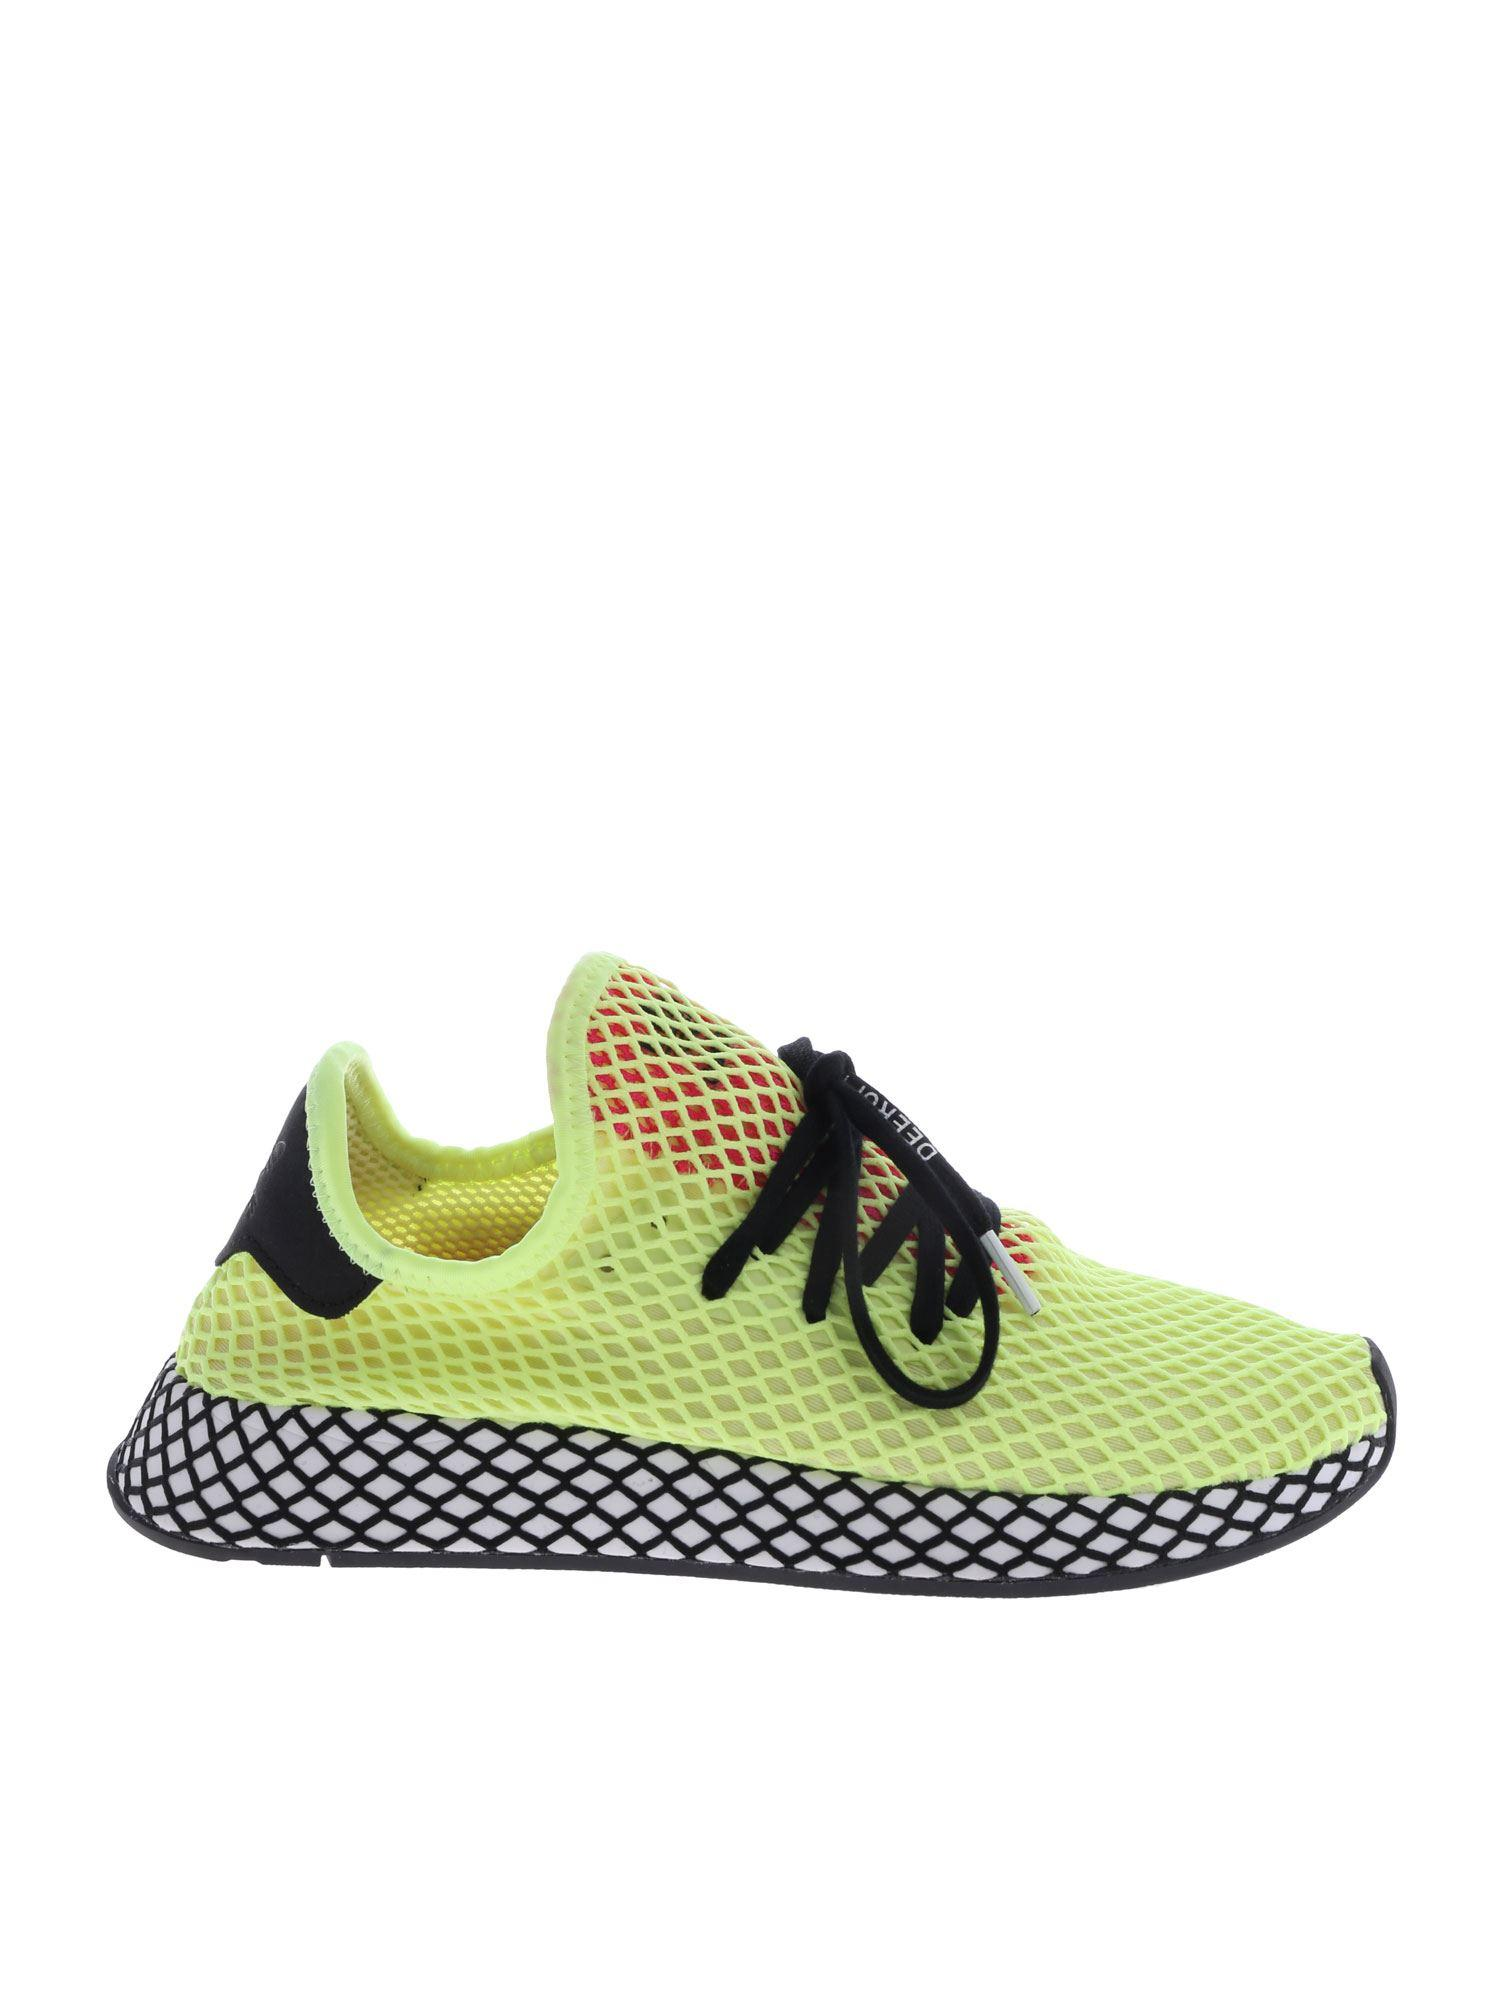 adidas deerupt runner yellow cheap online